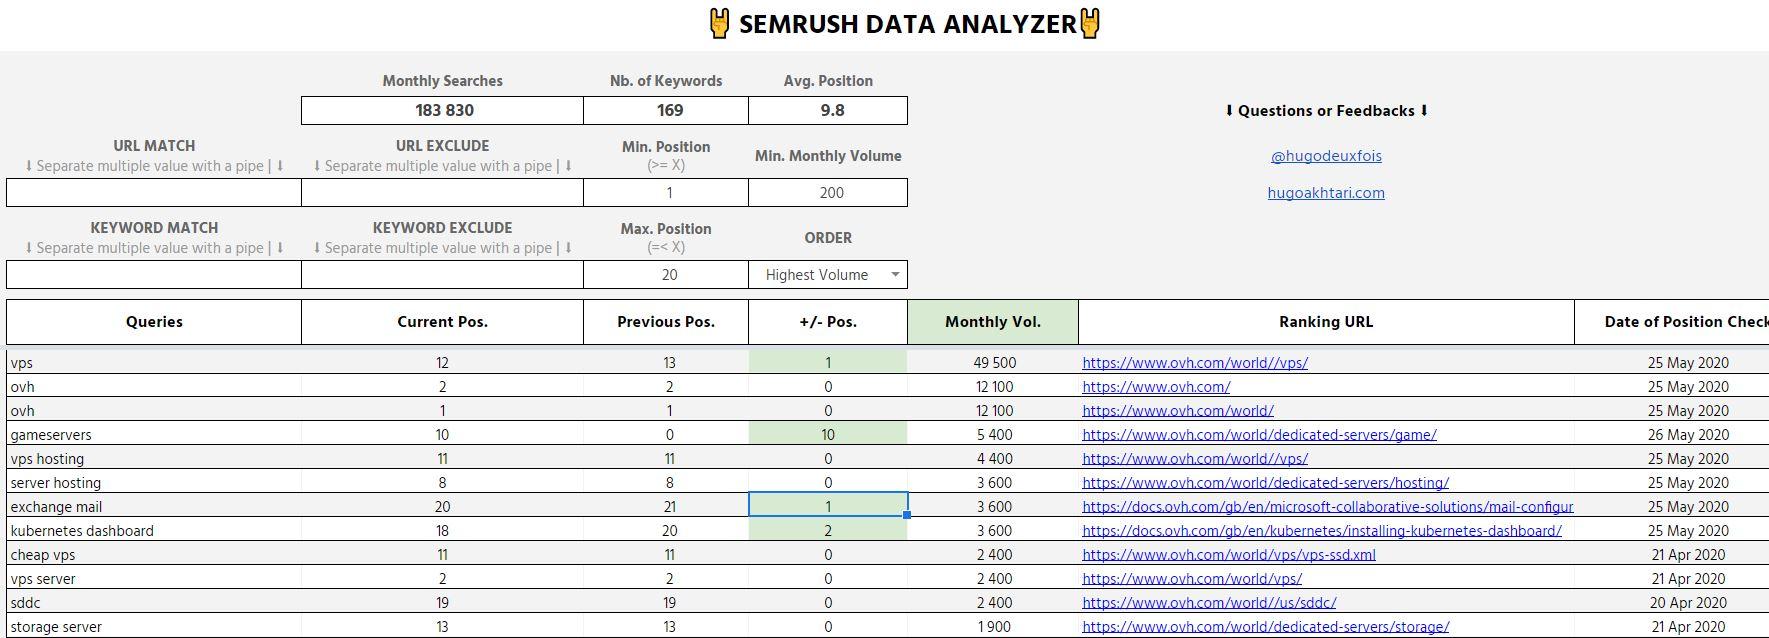 semrush_explorer_spreadsheet